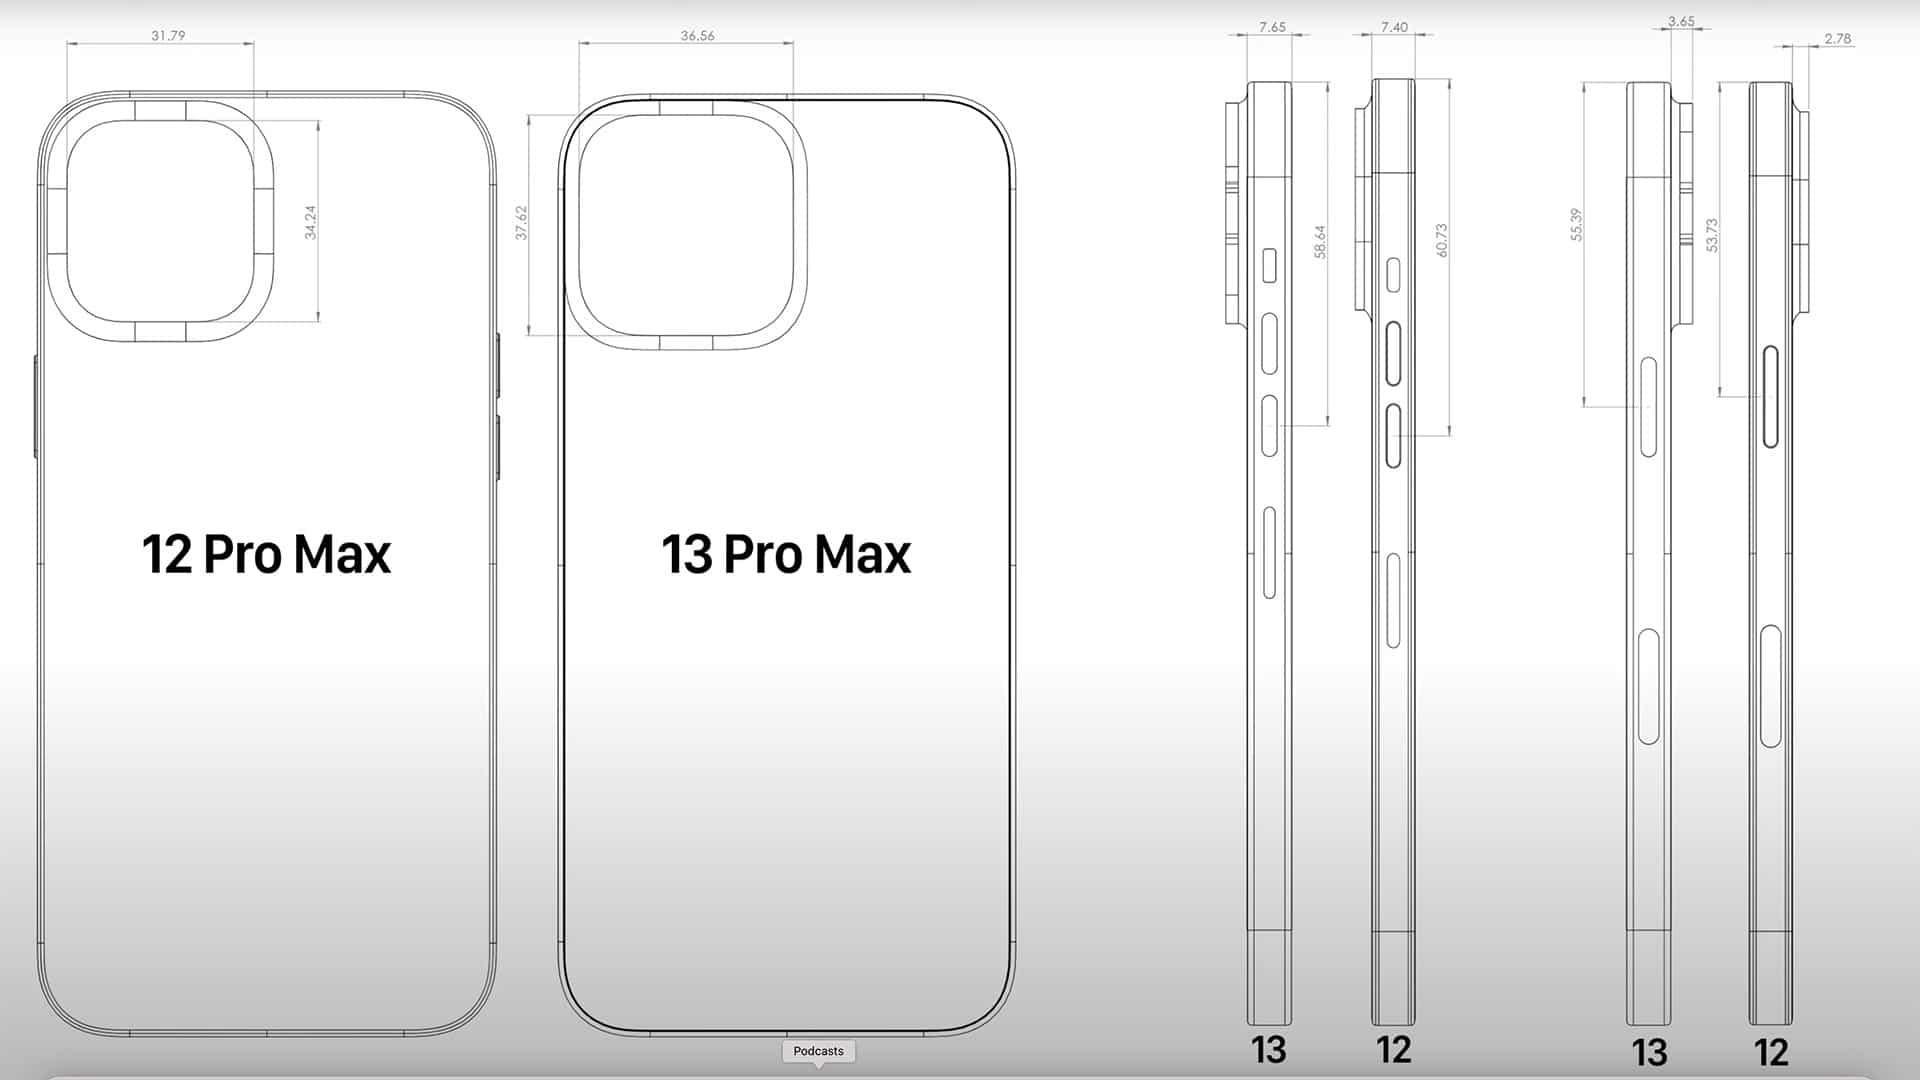 L'iPhone 13 Pro Max ainsi que les autres modèles seraient plus épais que la série des iPhone 12.